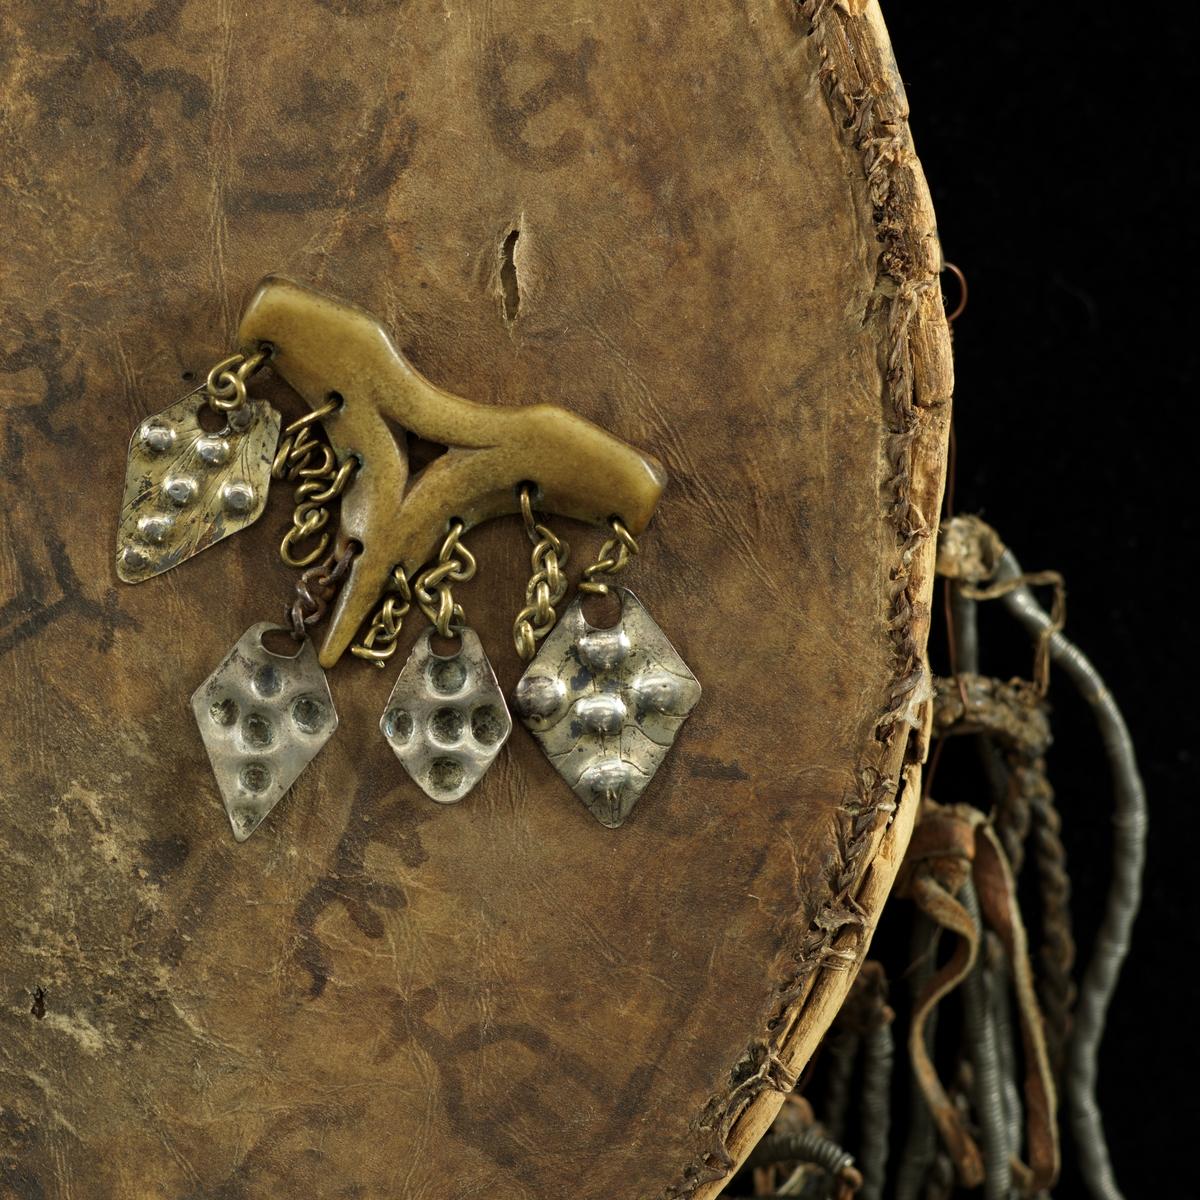 Trekantet viser til tromme/runebomme. Fire stk anheng festet med kjeder av messing og jern. Det er også fire kjeder uten anheng. Anhengene er av sølvlegering (ant) og noen av dem har slitt forgylling. Punslet og gravert dekor.